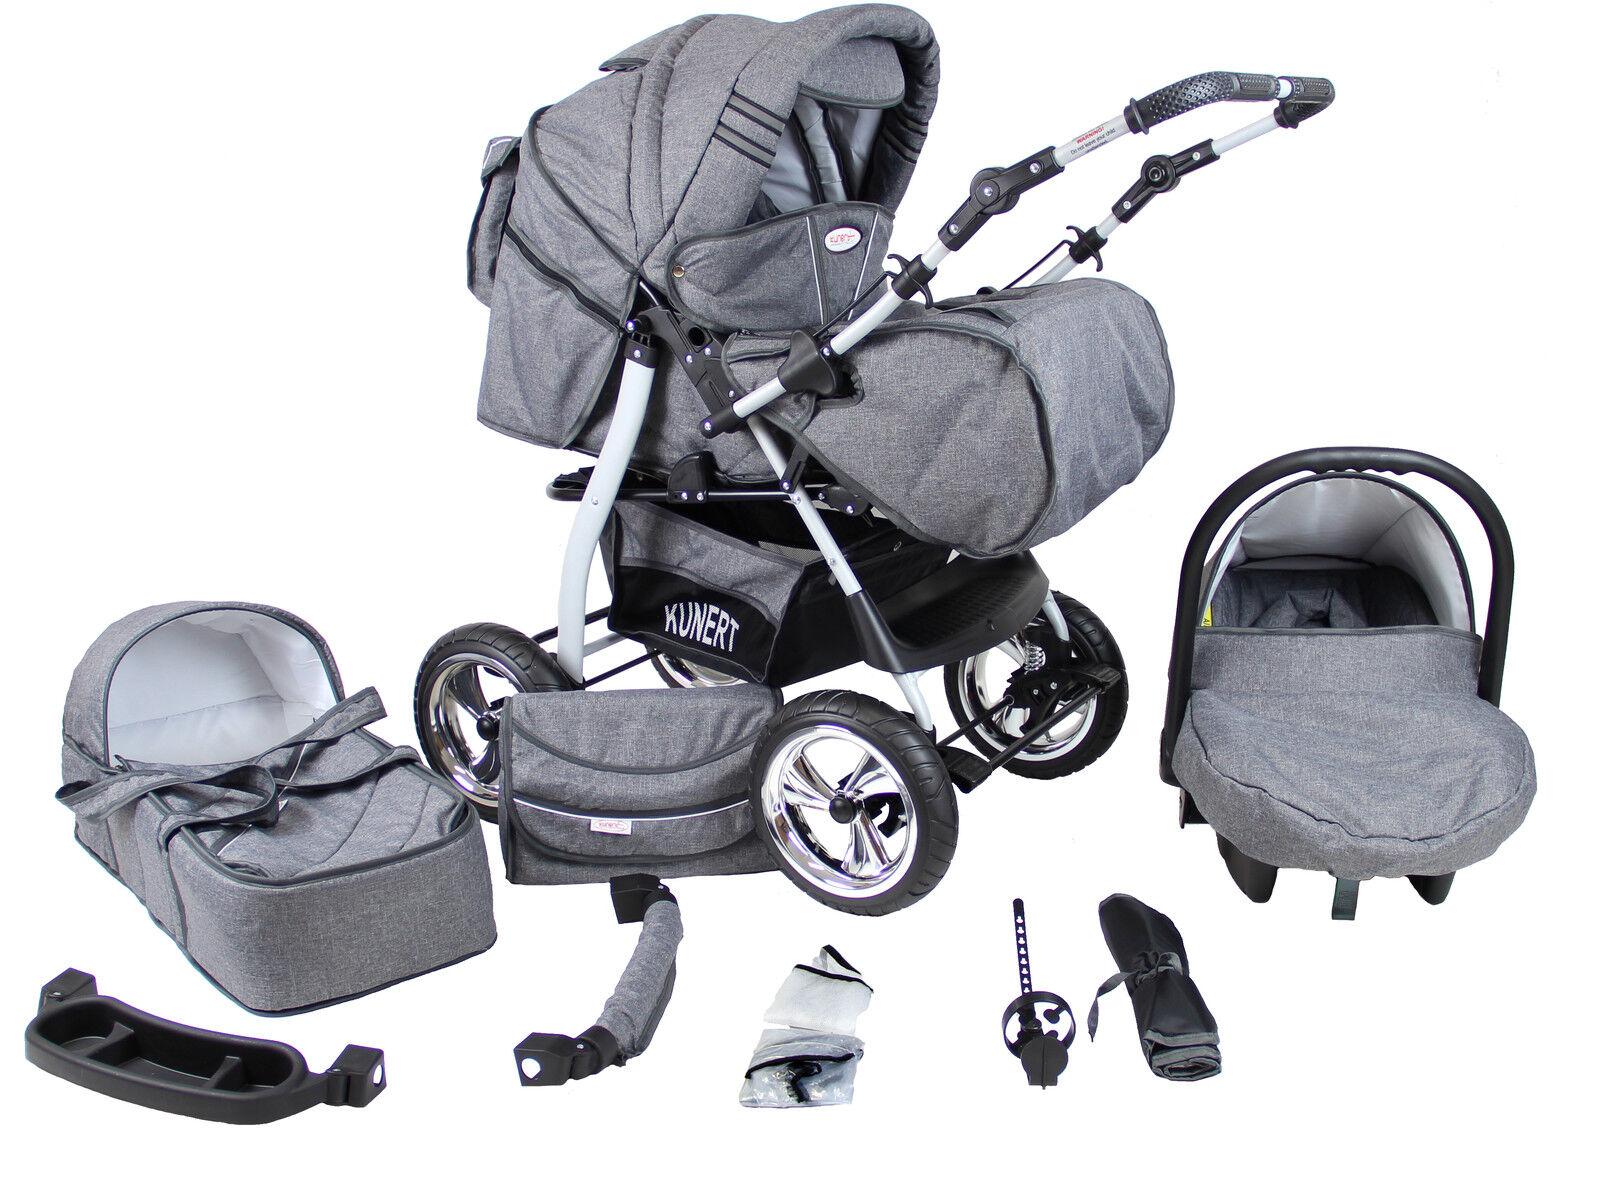 Kinderwagen Kombikinderwagen, Babyschale 0-13 KG, NEU VIP 3in1 sofort lieferbar